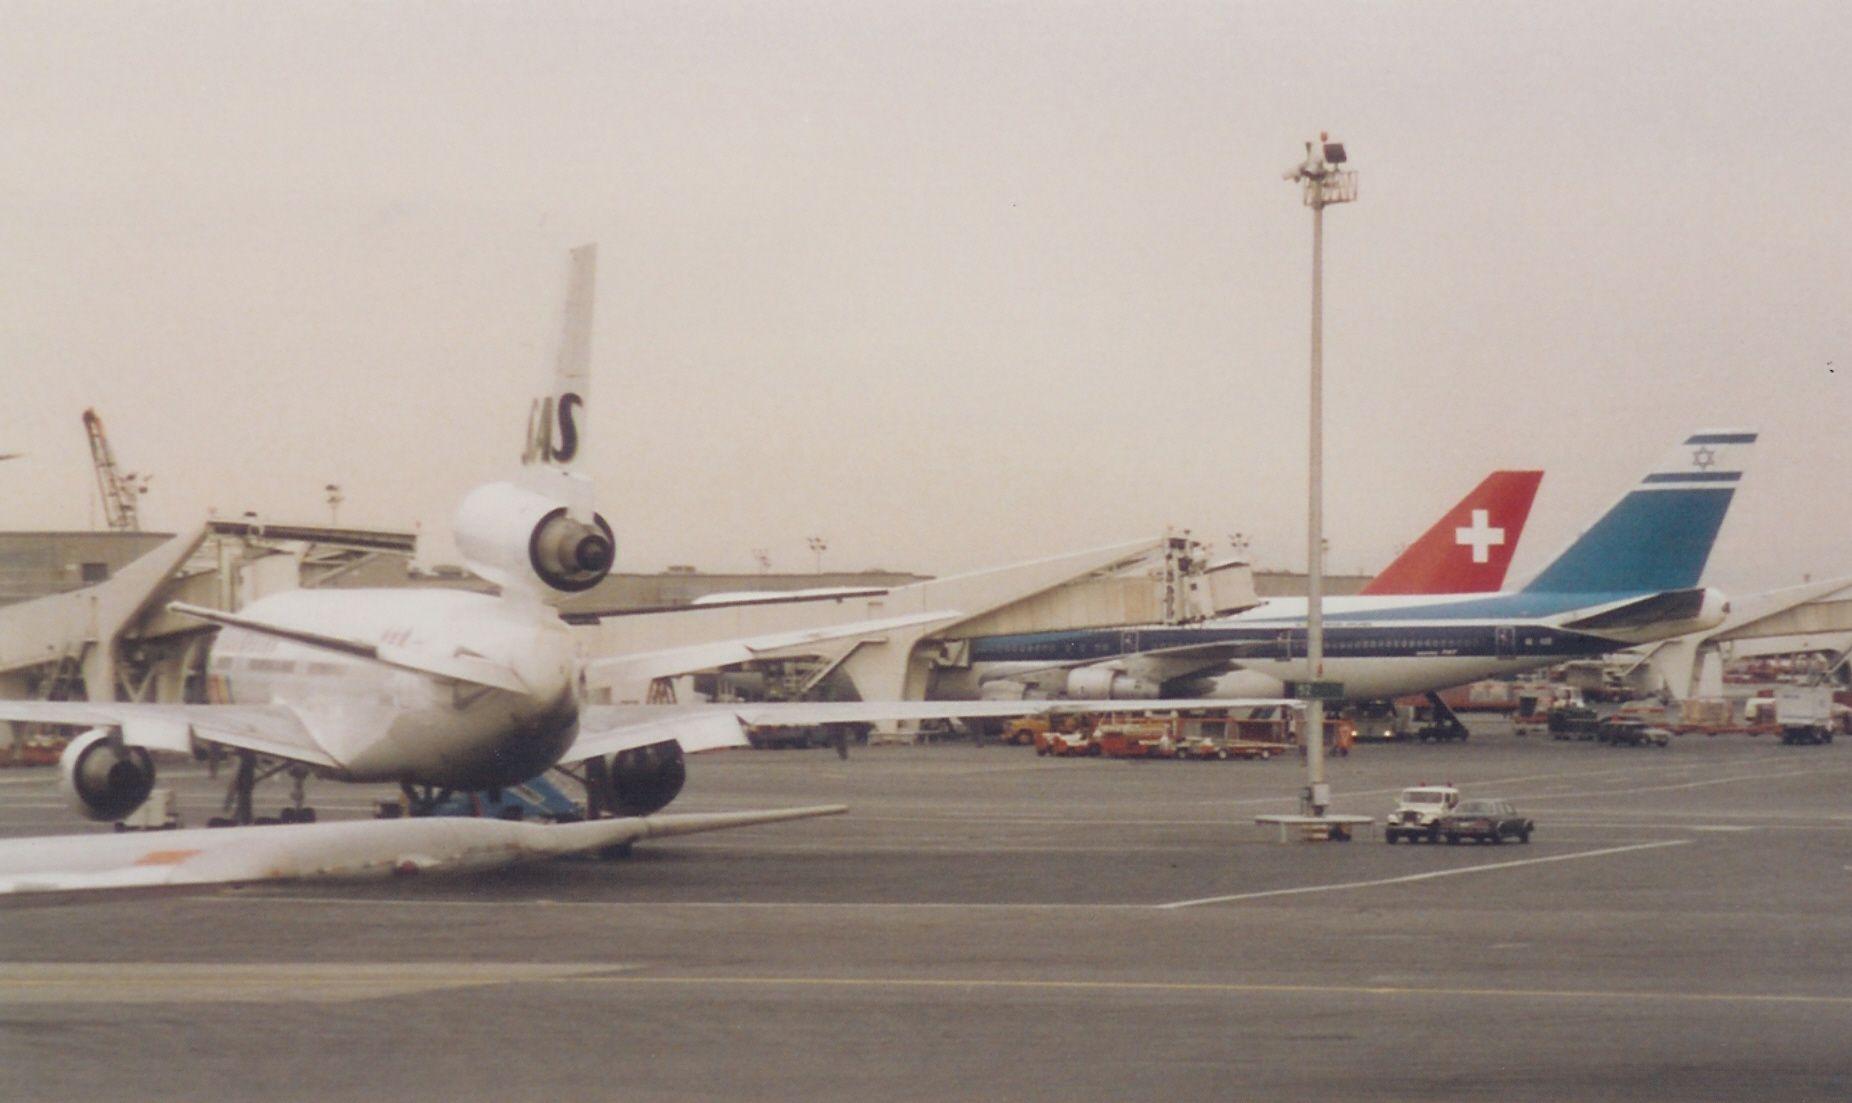 SAS DC-10 and El Al and Swissair 747s at New York JFK International Airport